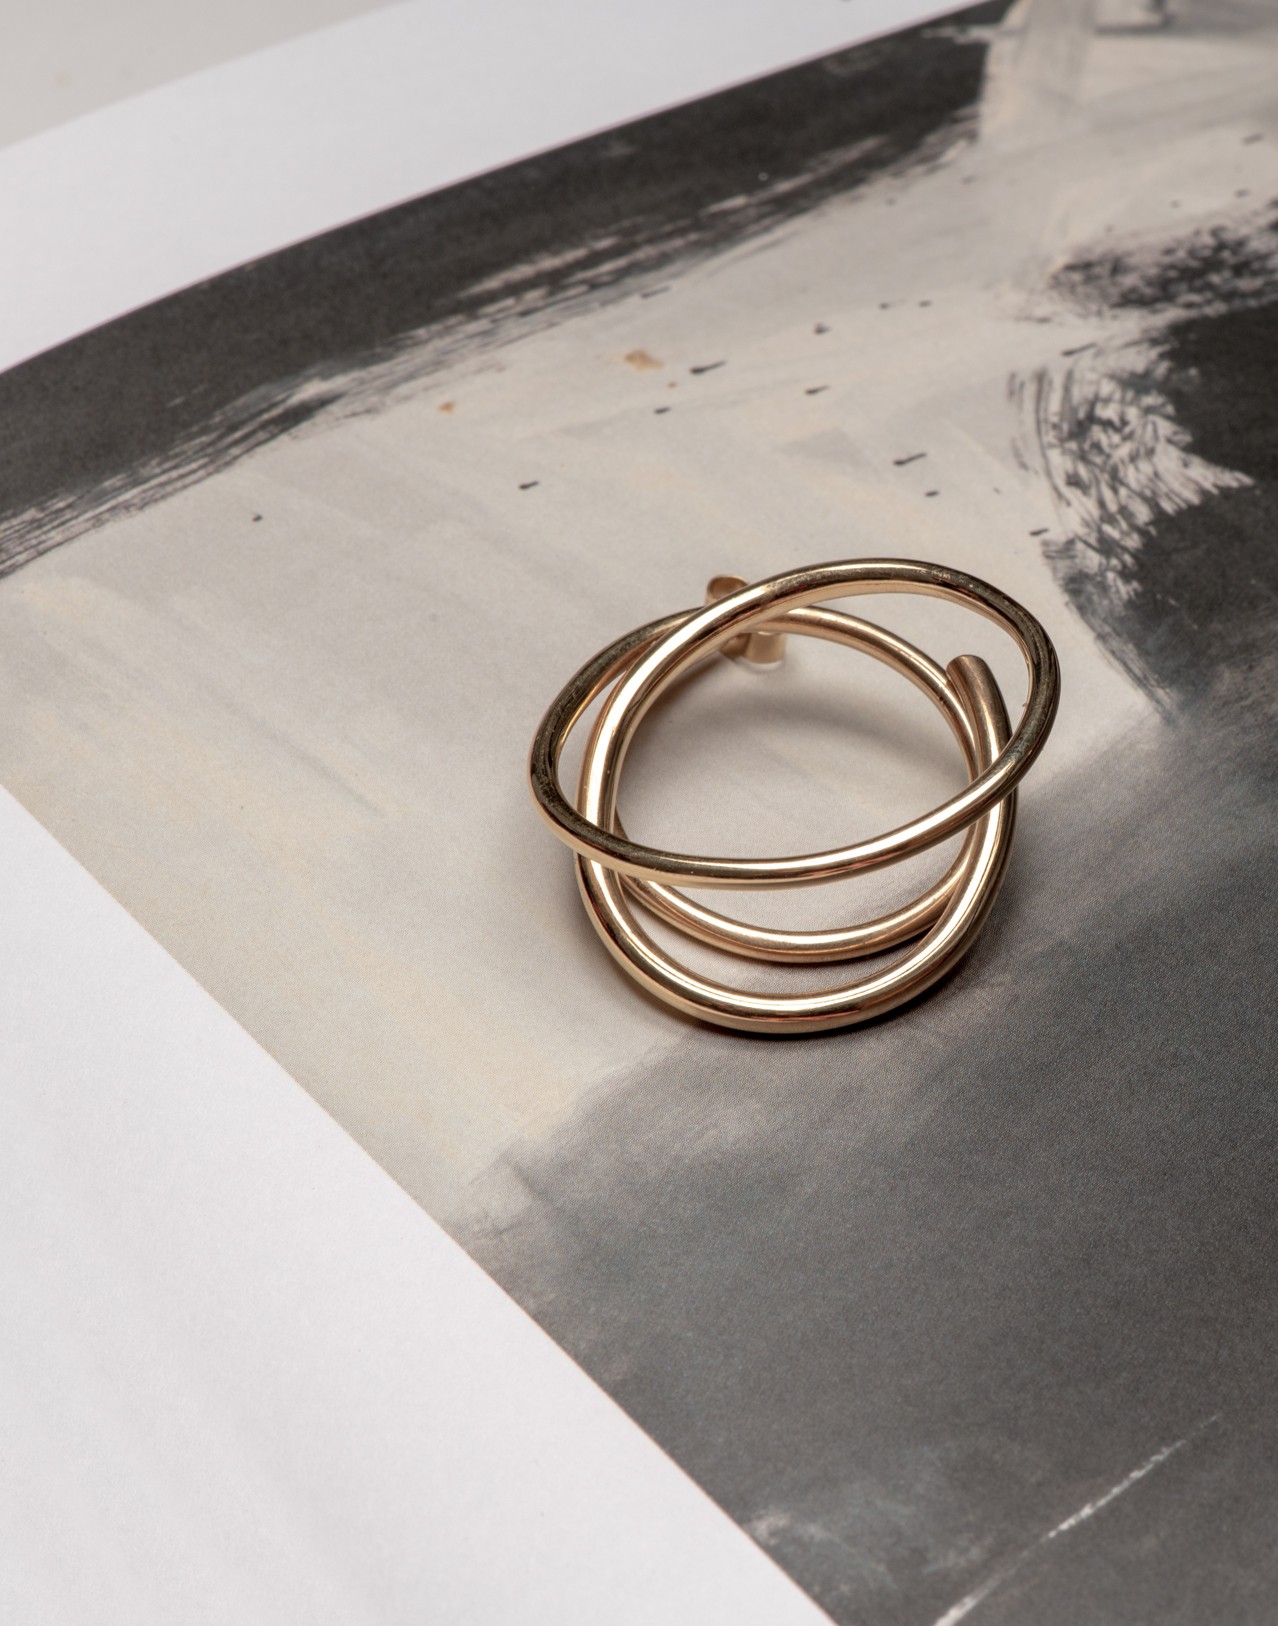 Completedworks-Flow-II-Gold-Vermeil-Earrings-1.jpg